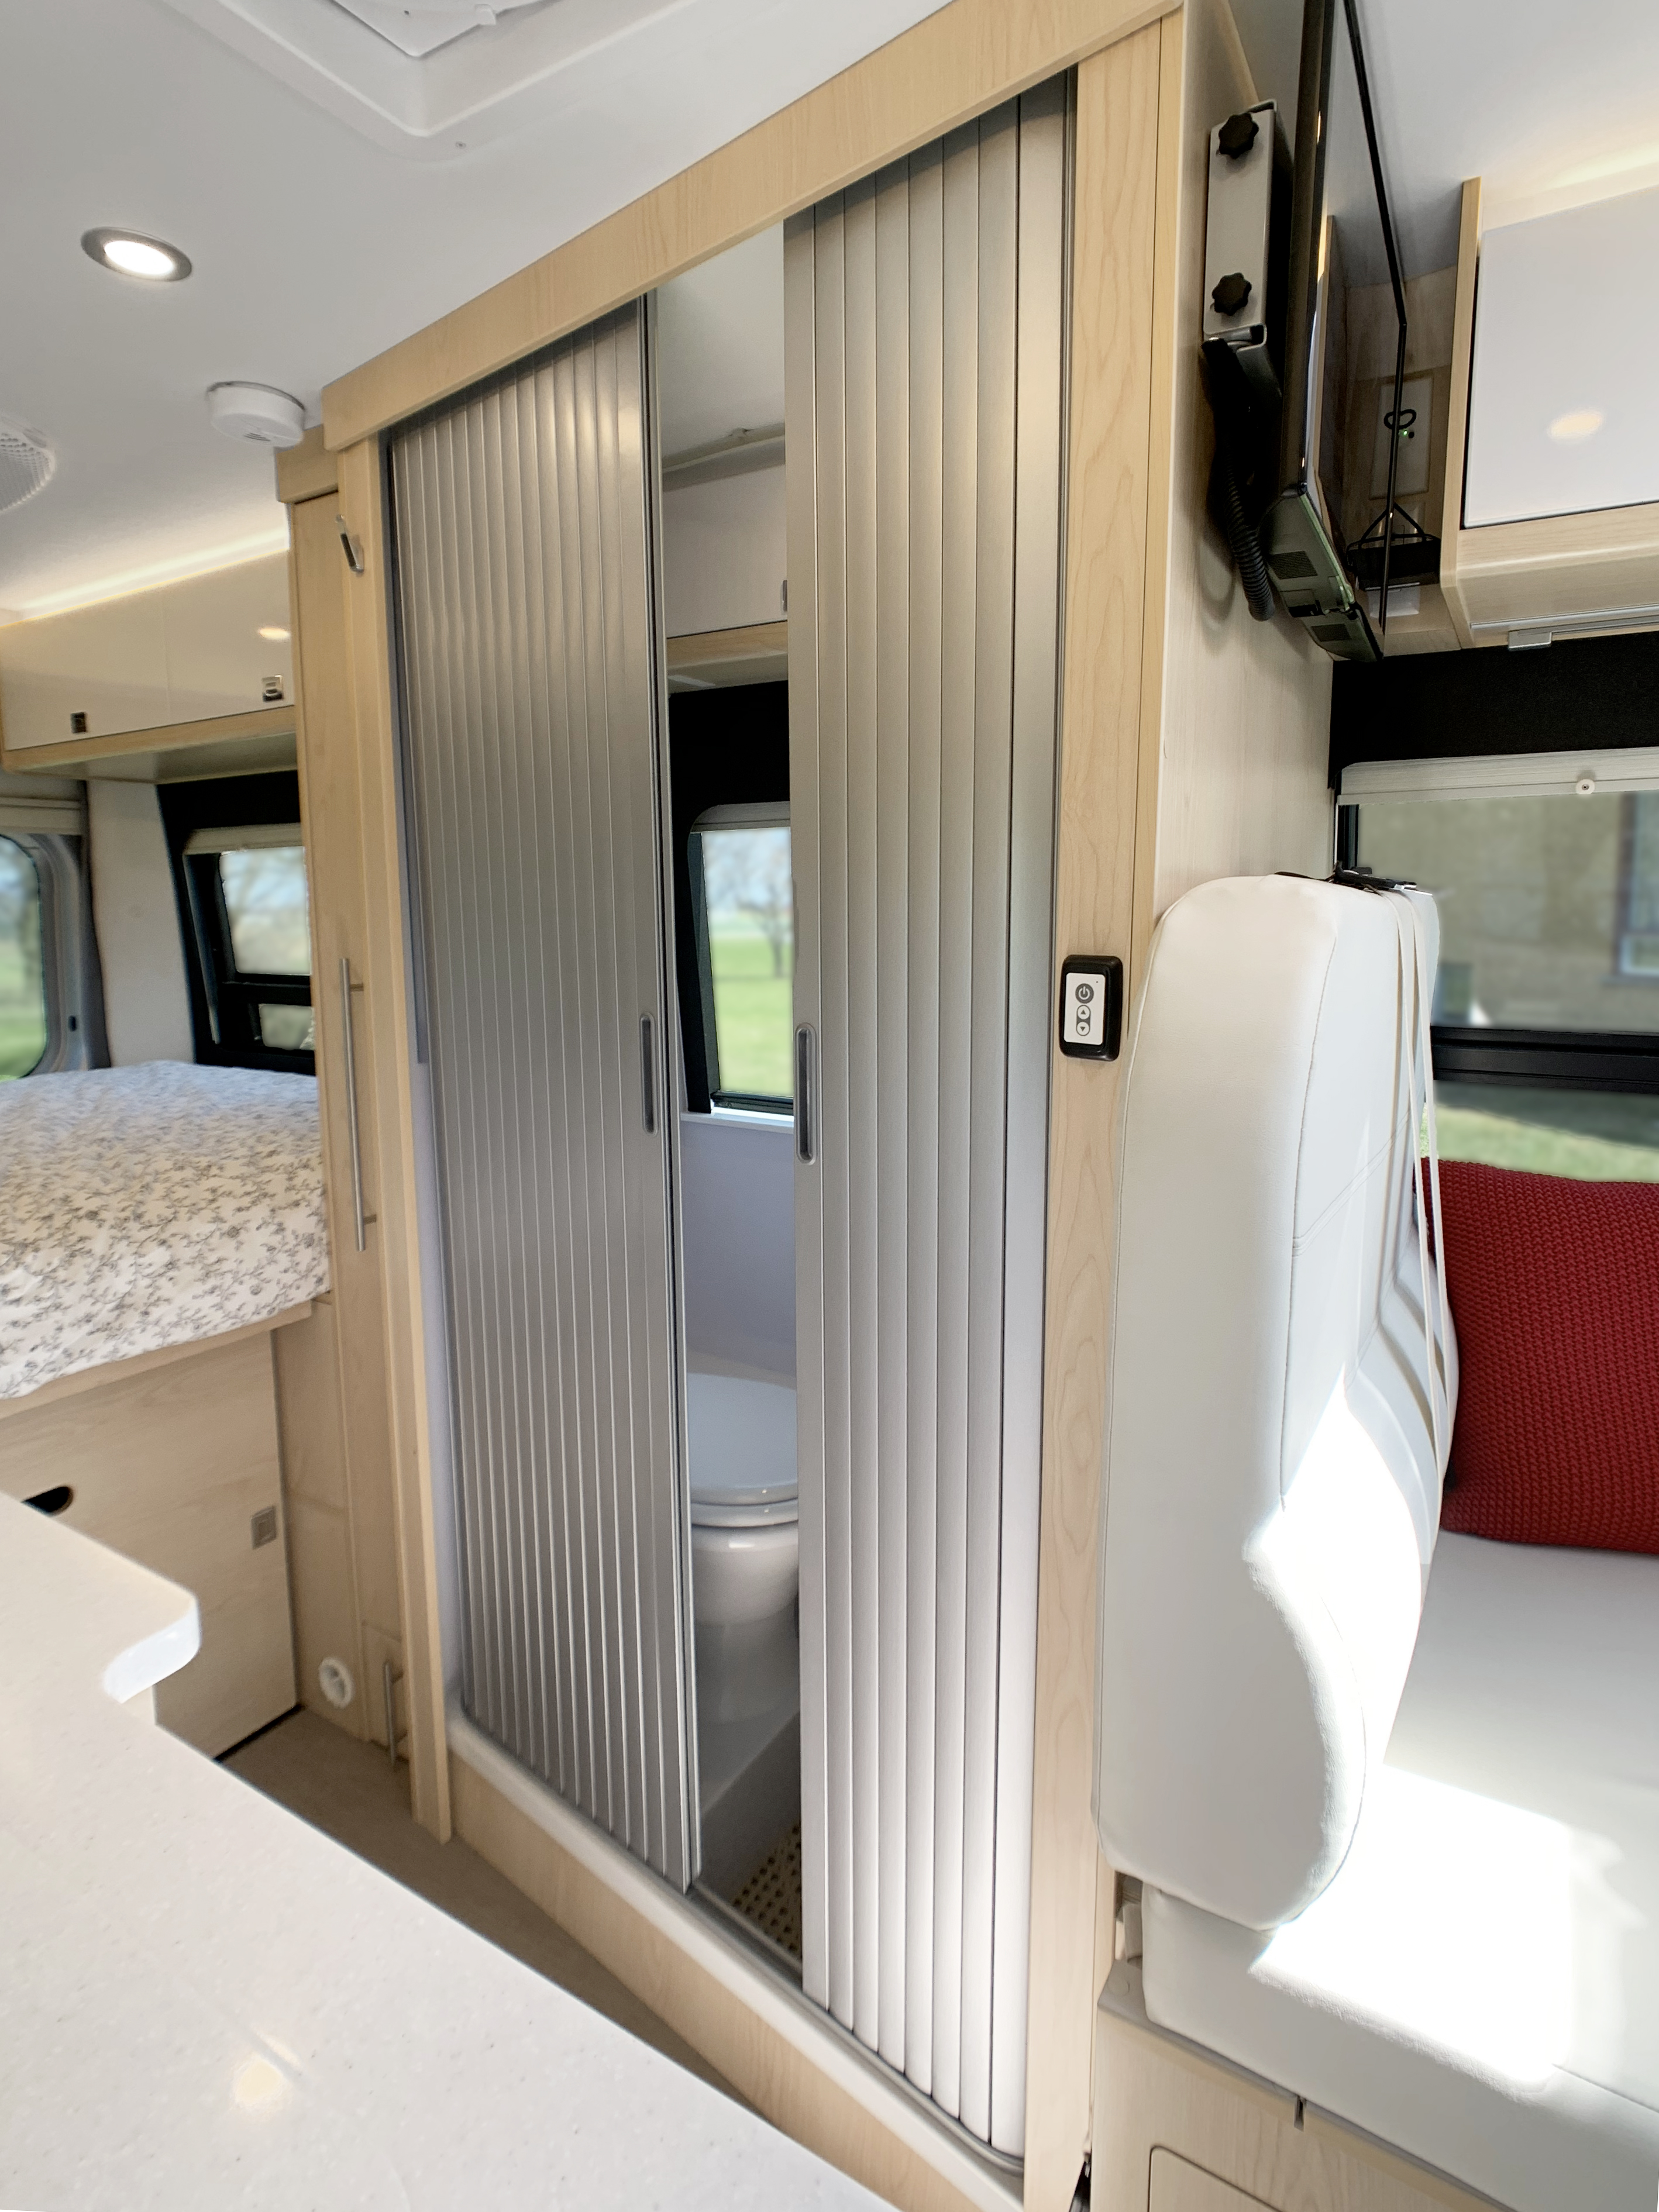 Panoramic RV - Rolling bathroom door